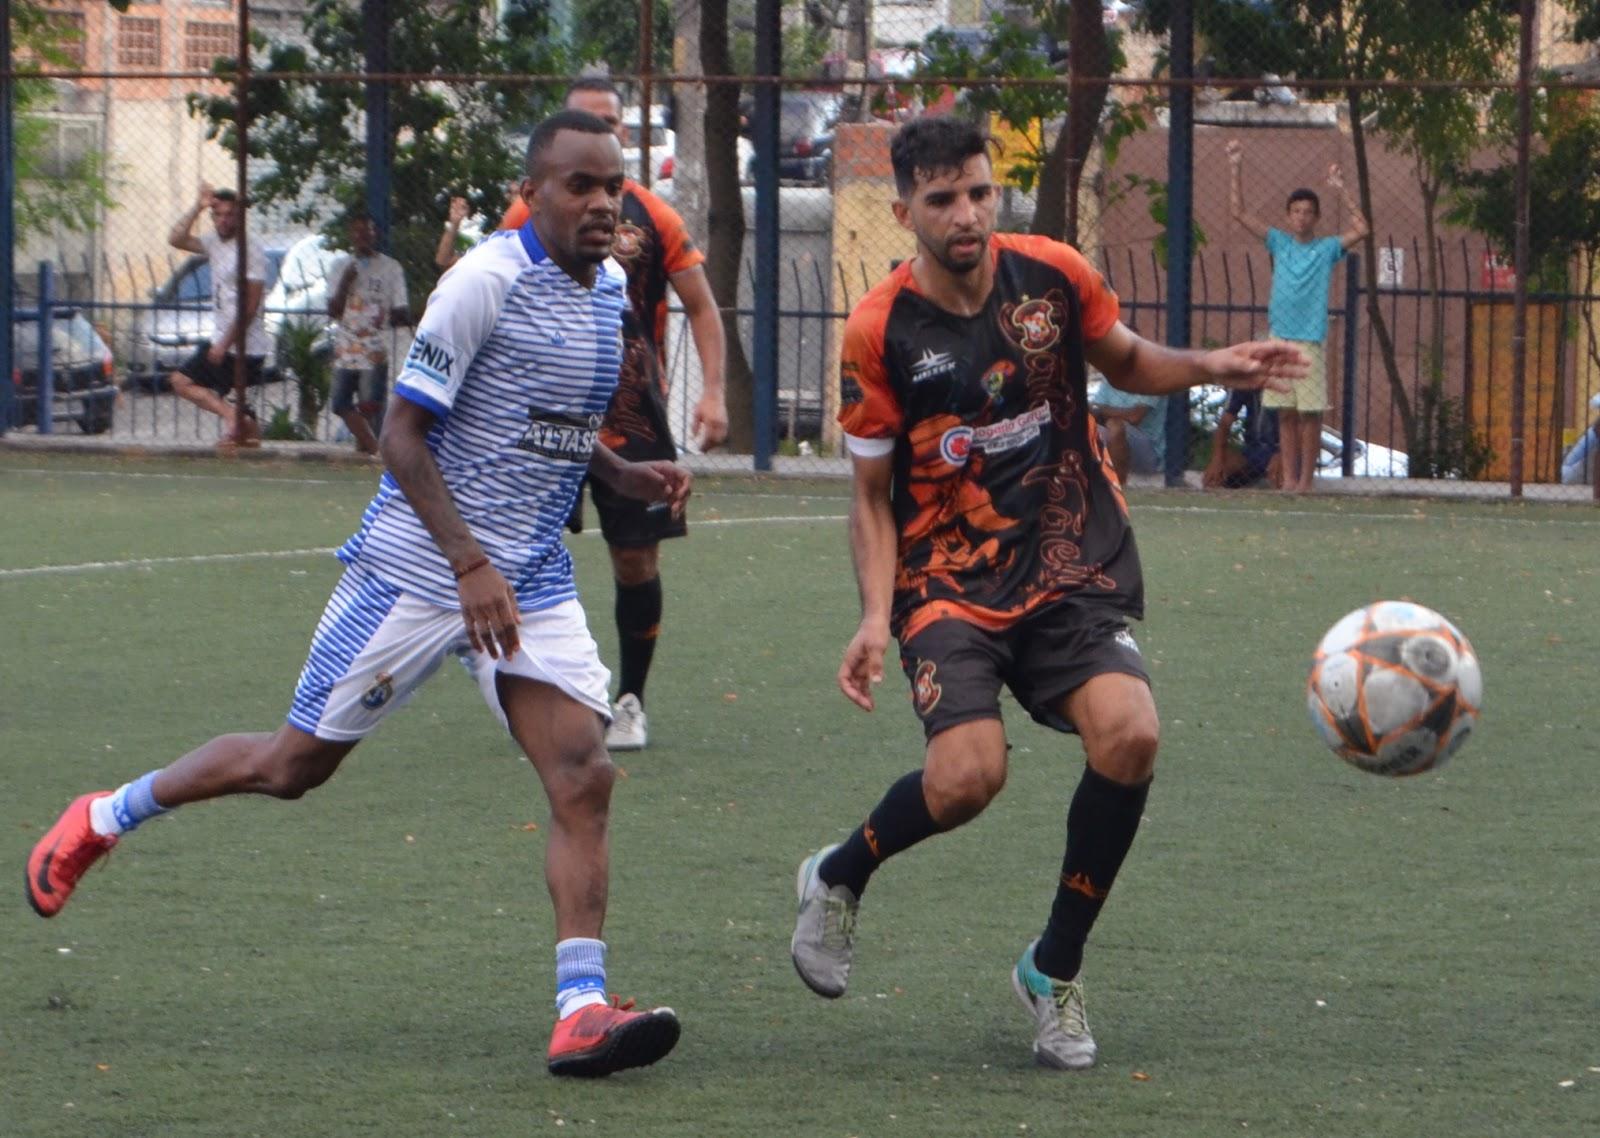 05ac8f383b ... bateu fácil o Real Madruga do Taboão da Serra no Grupo D. O time  estabeleceu o placar de 3 a 0 com destaque para o gol olímpico do meia  Gigante.